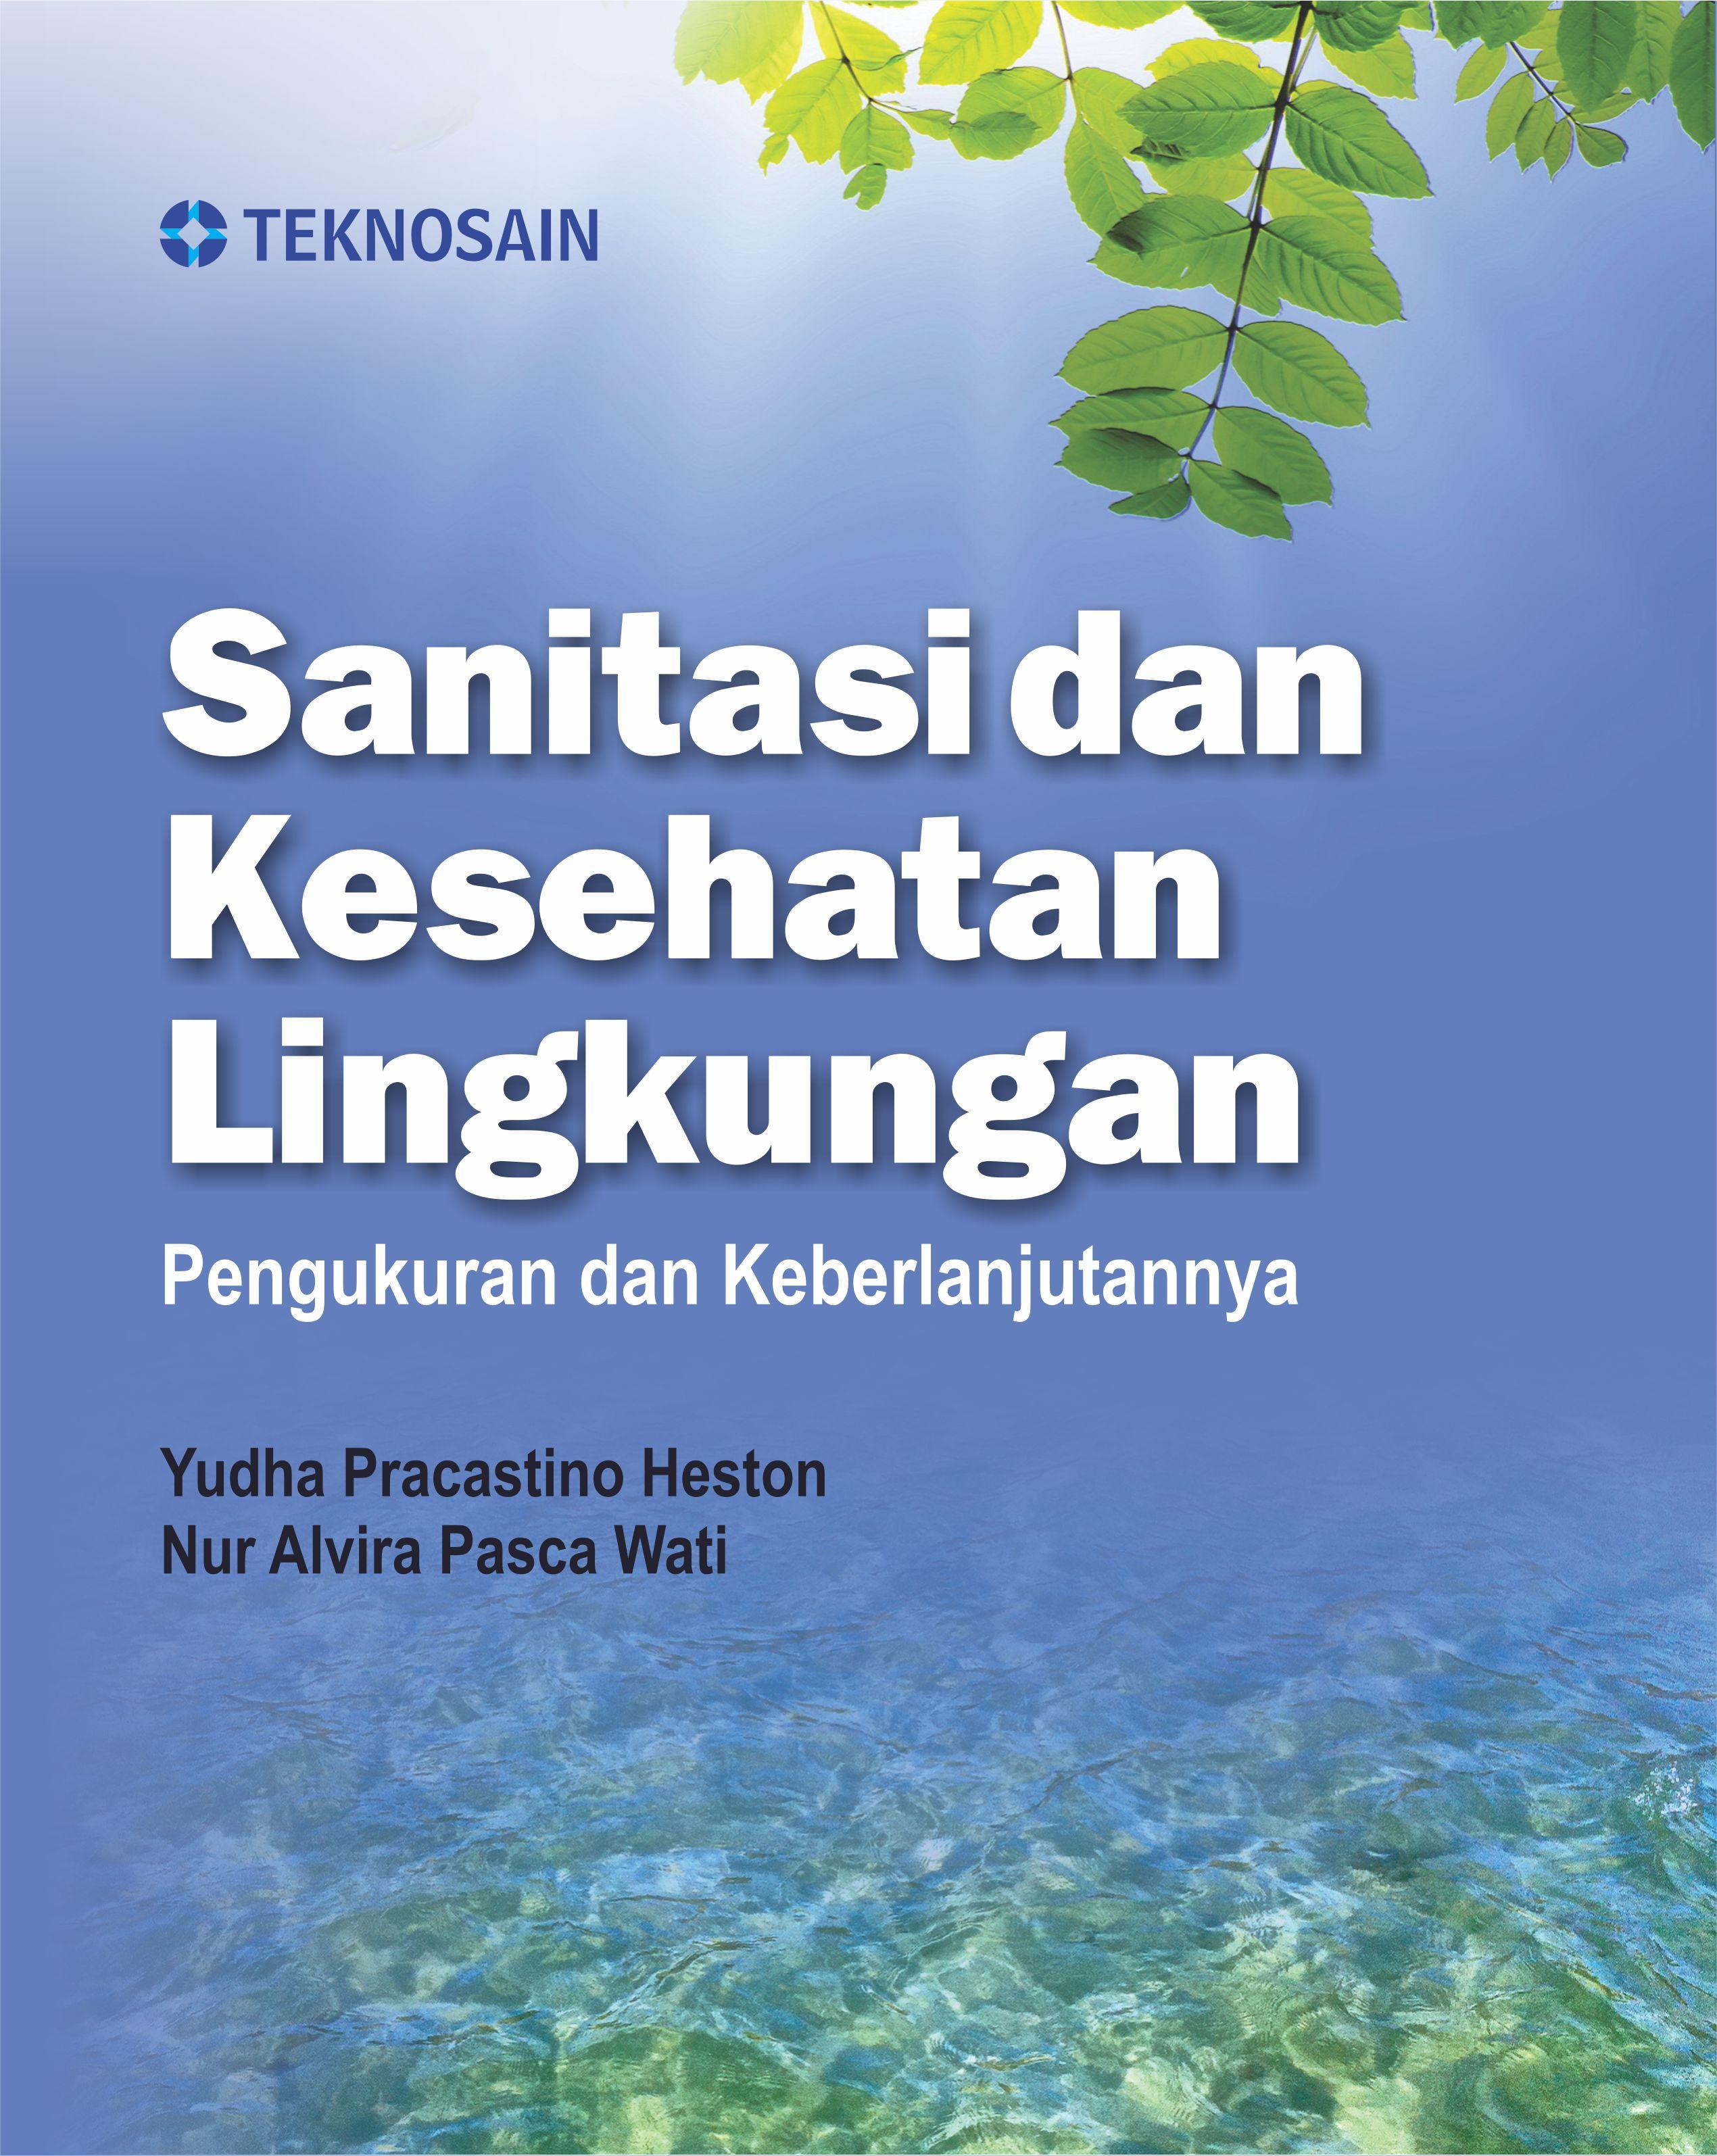 Sanitasi dan Kesehatan Lingkungan; Pengukuran dan Keberlanjutannya